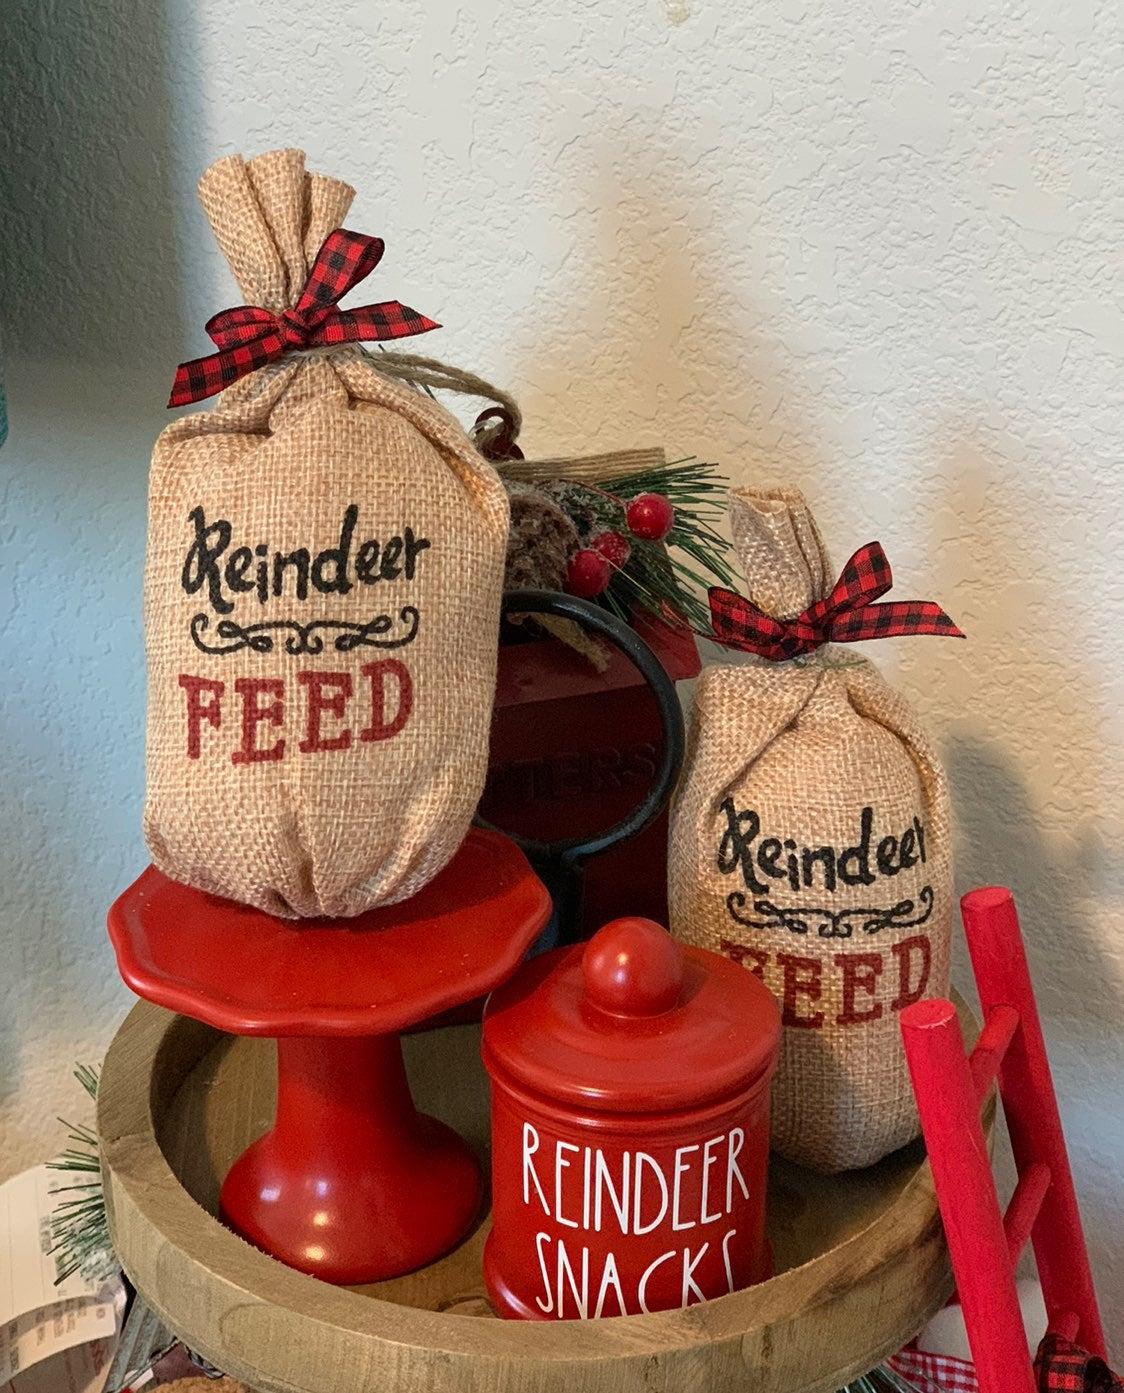 2 mini bags of reindeer feed